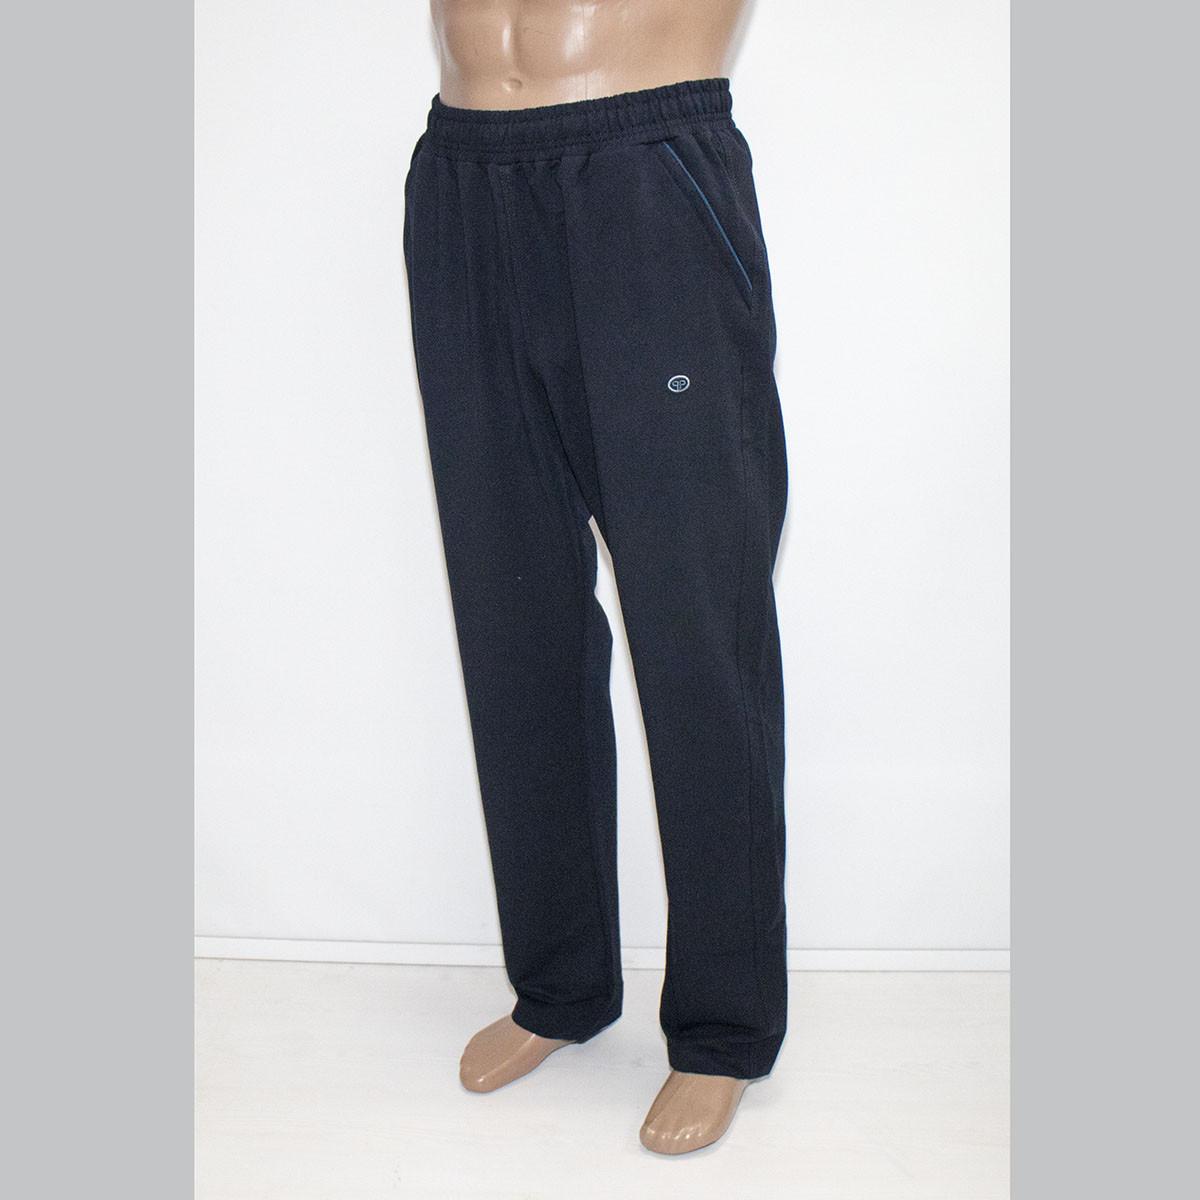 Мужские спортивные штаны демисезонные L-2XL  тм. PIYERA